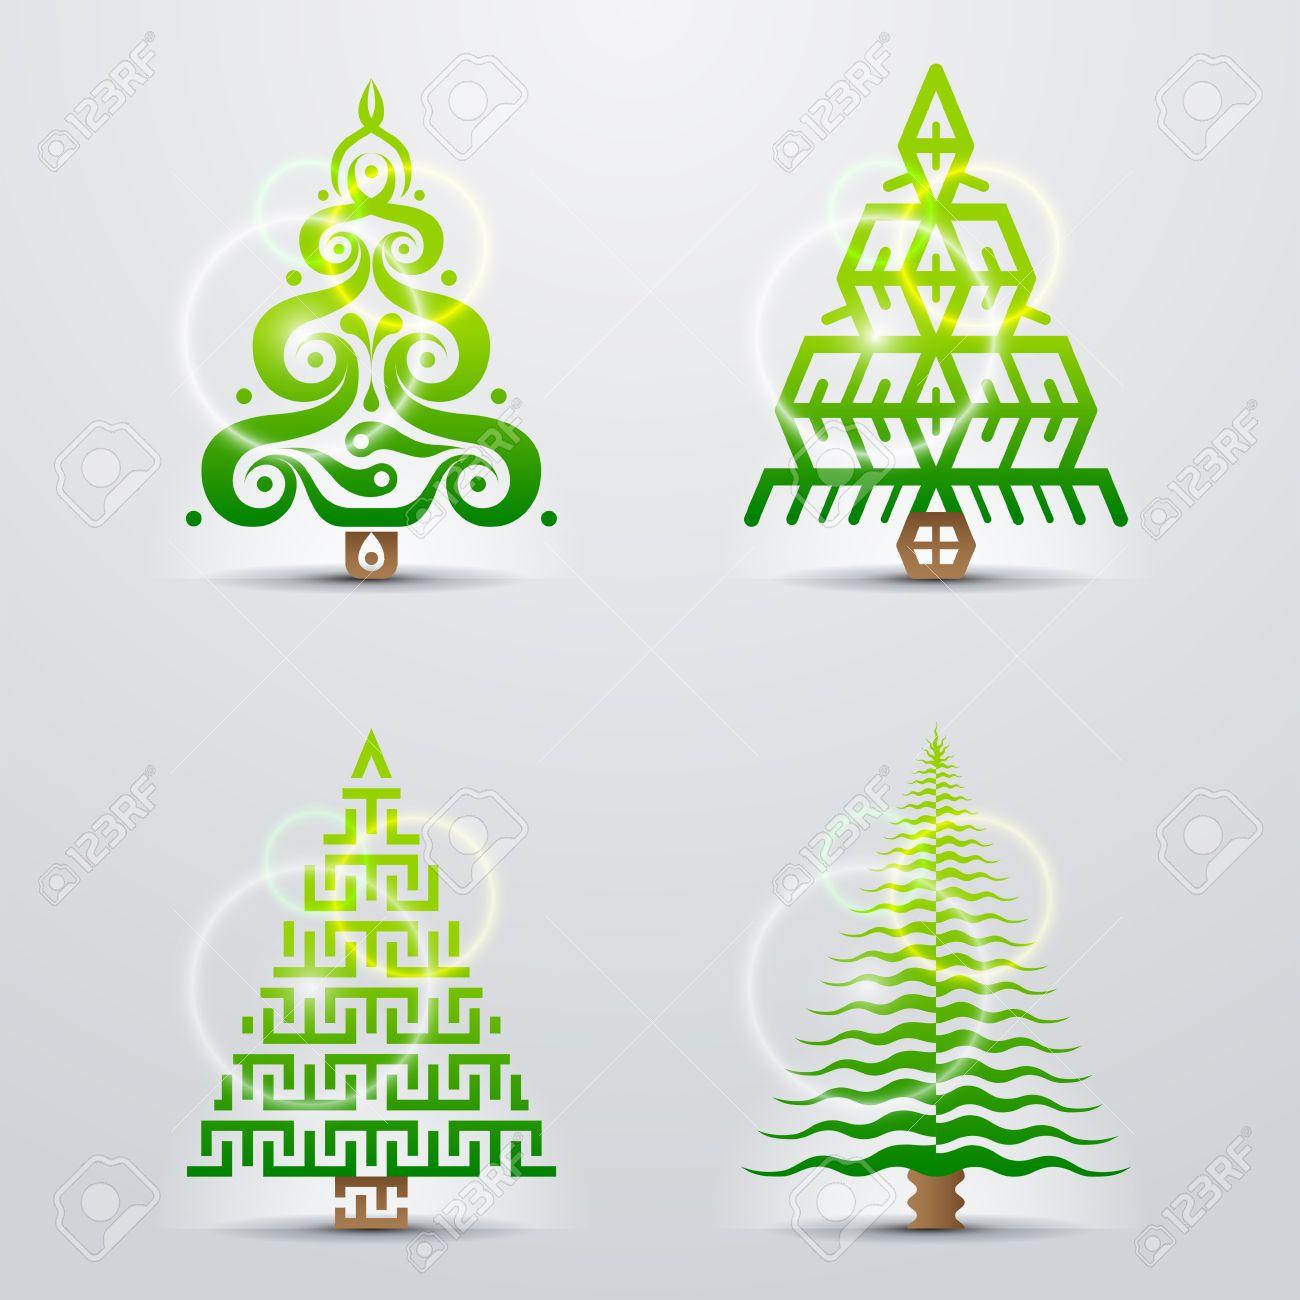 smbolos estilizados de rboles de navidad conjunto de vectores de rboles de navidad originales vector de